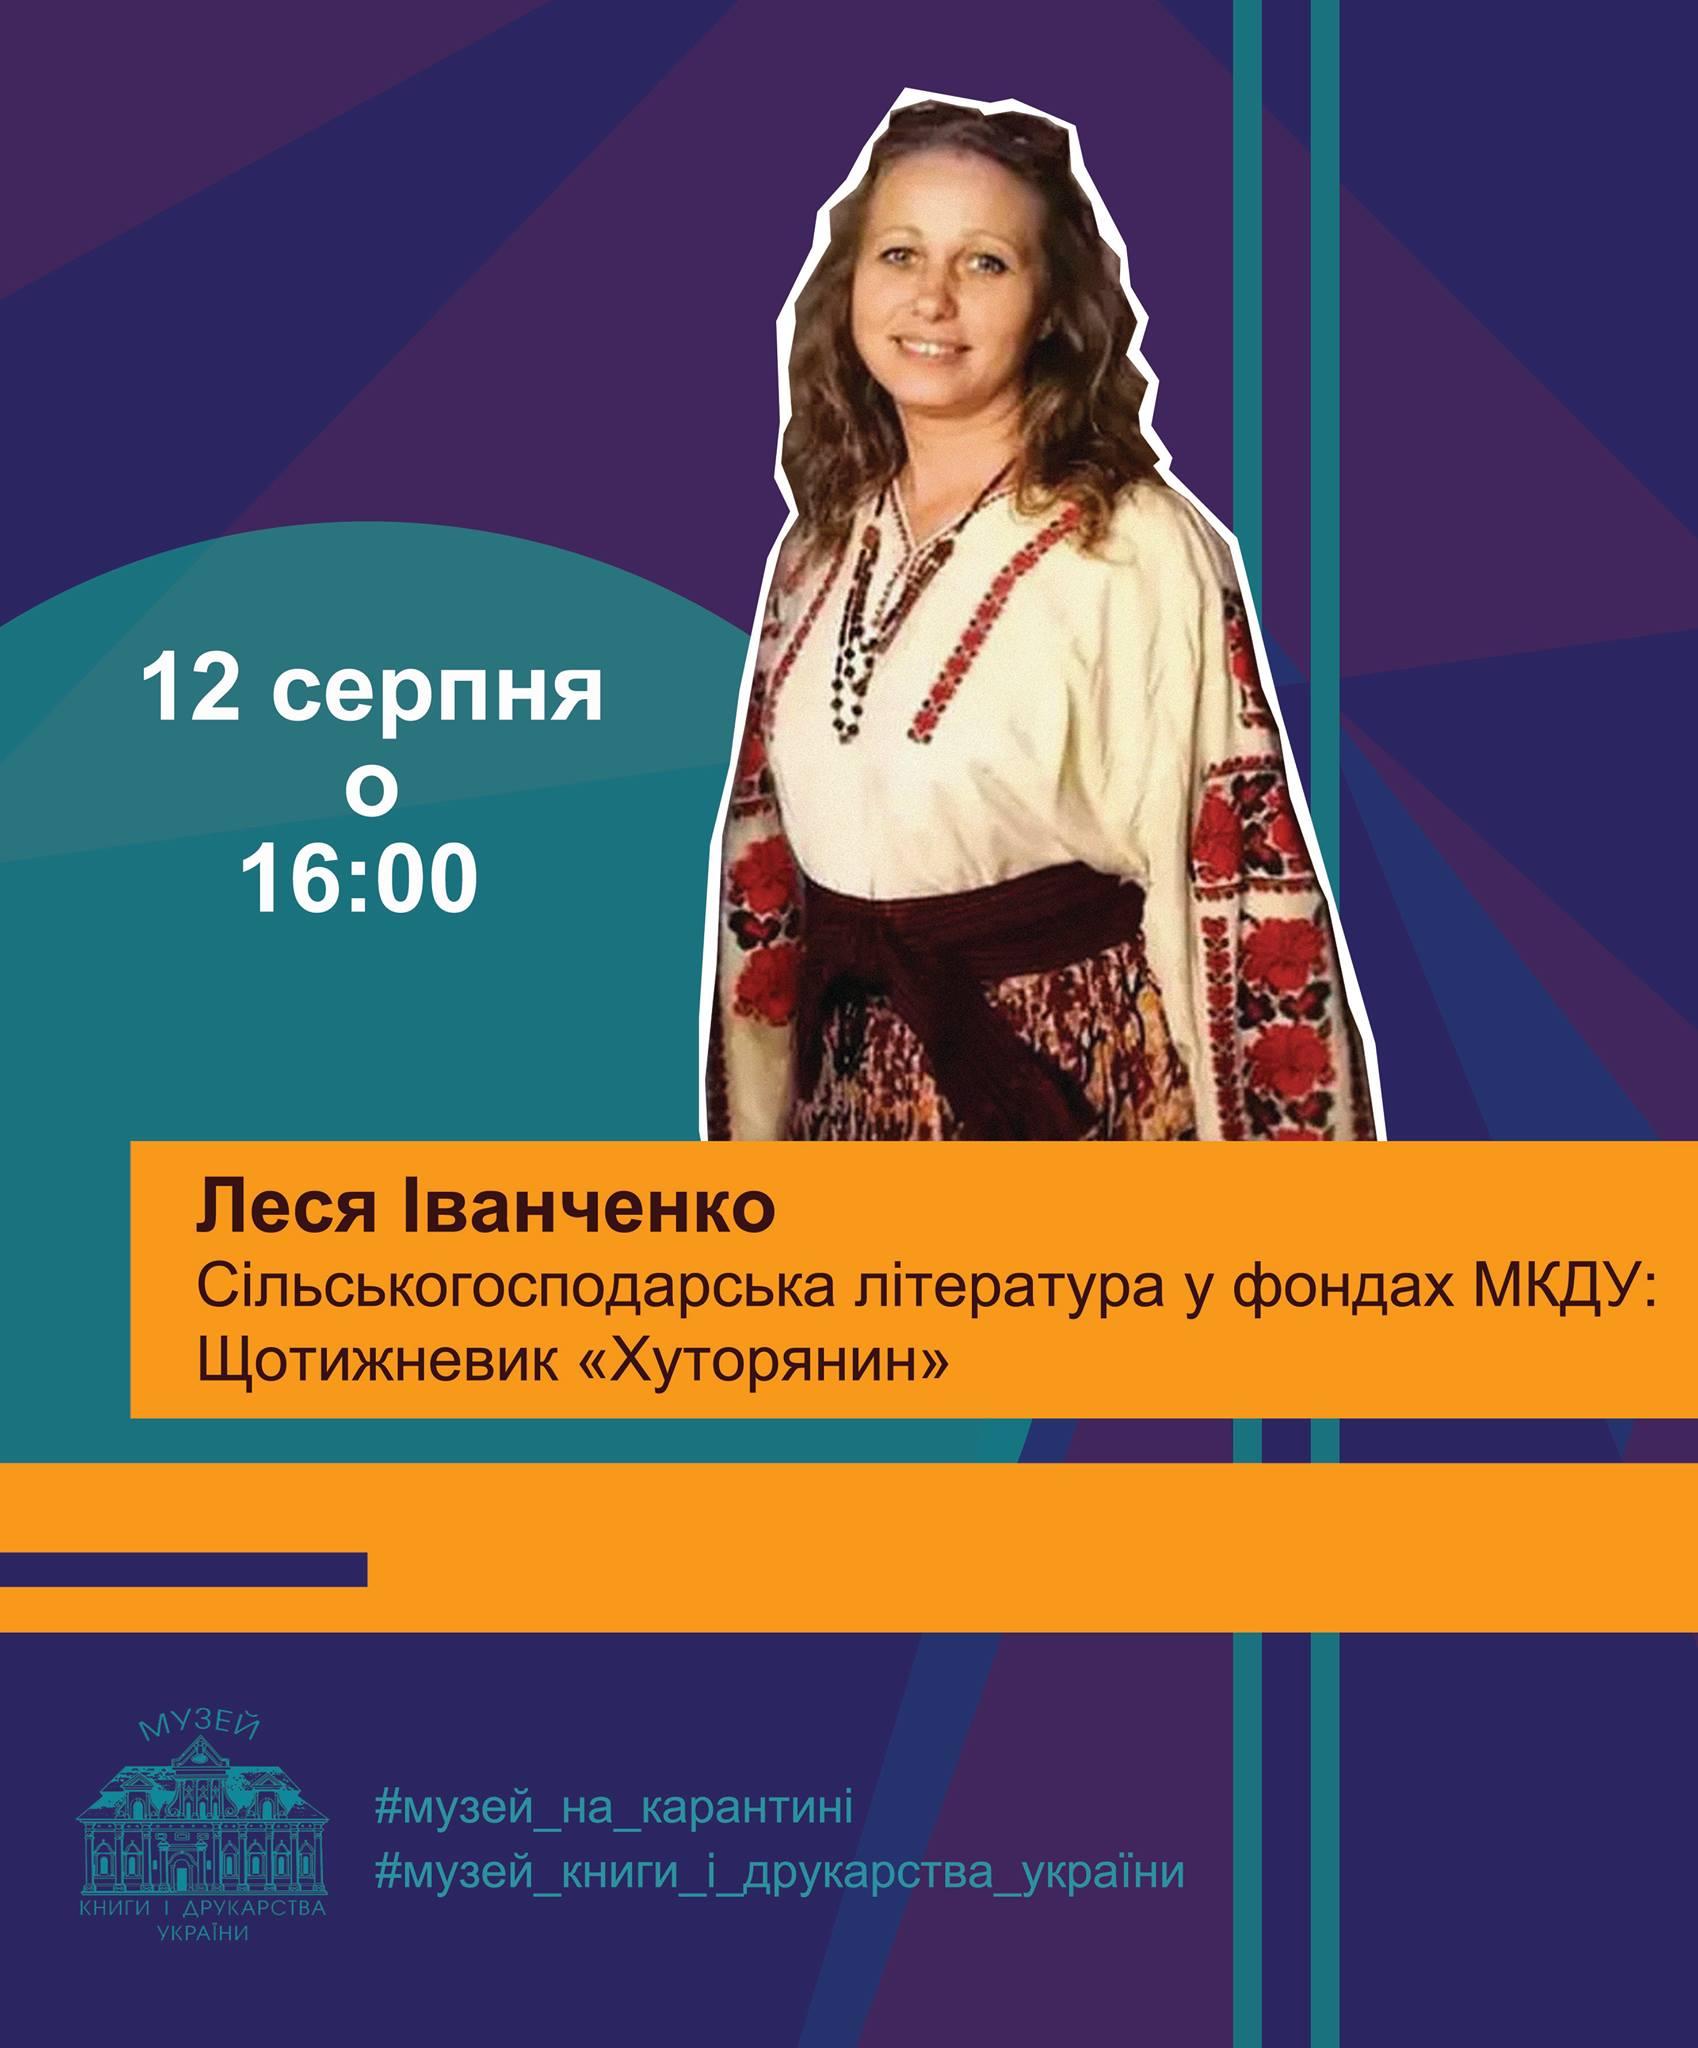 """Live-stream """"Сільськогосподарська література"""""""